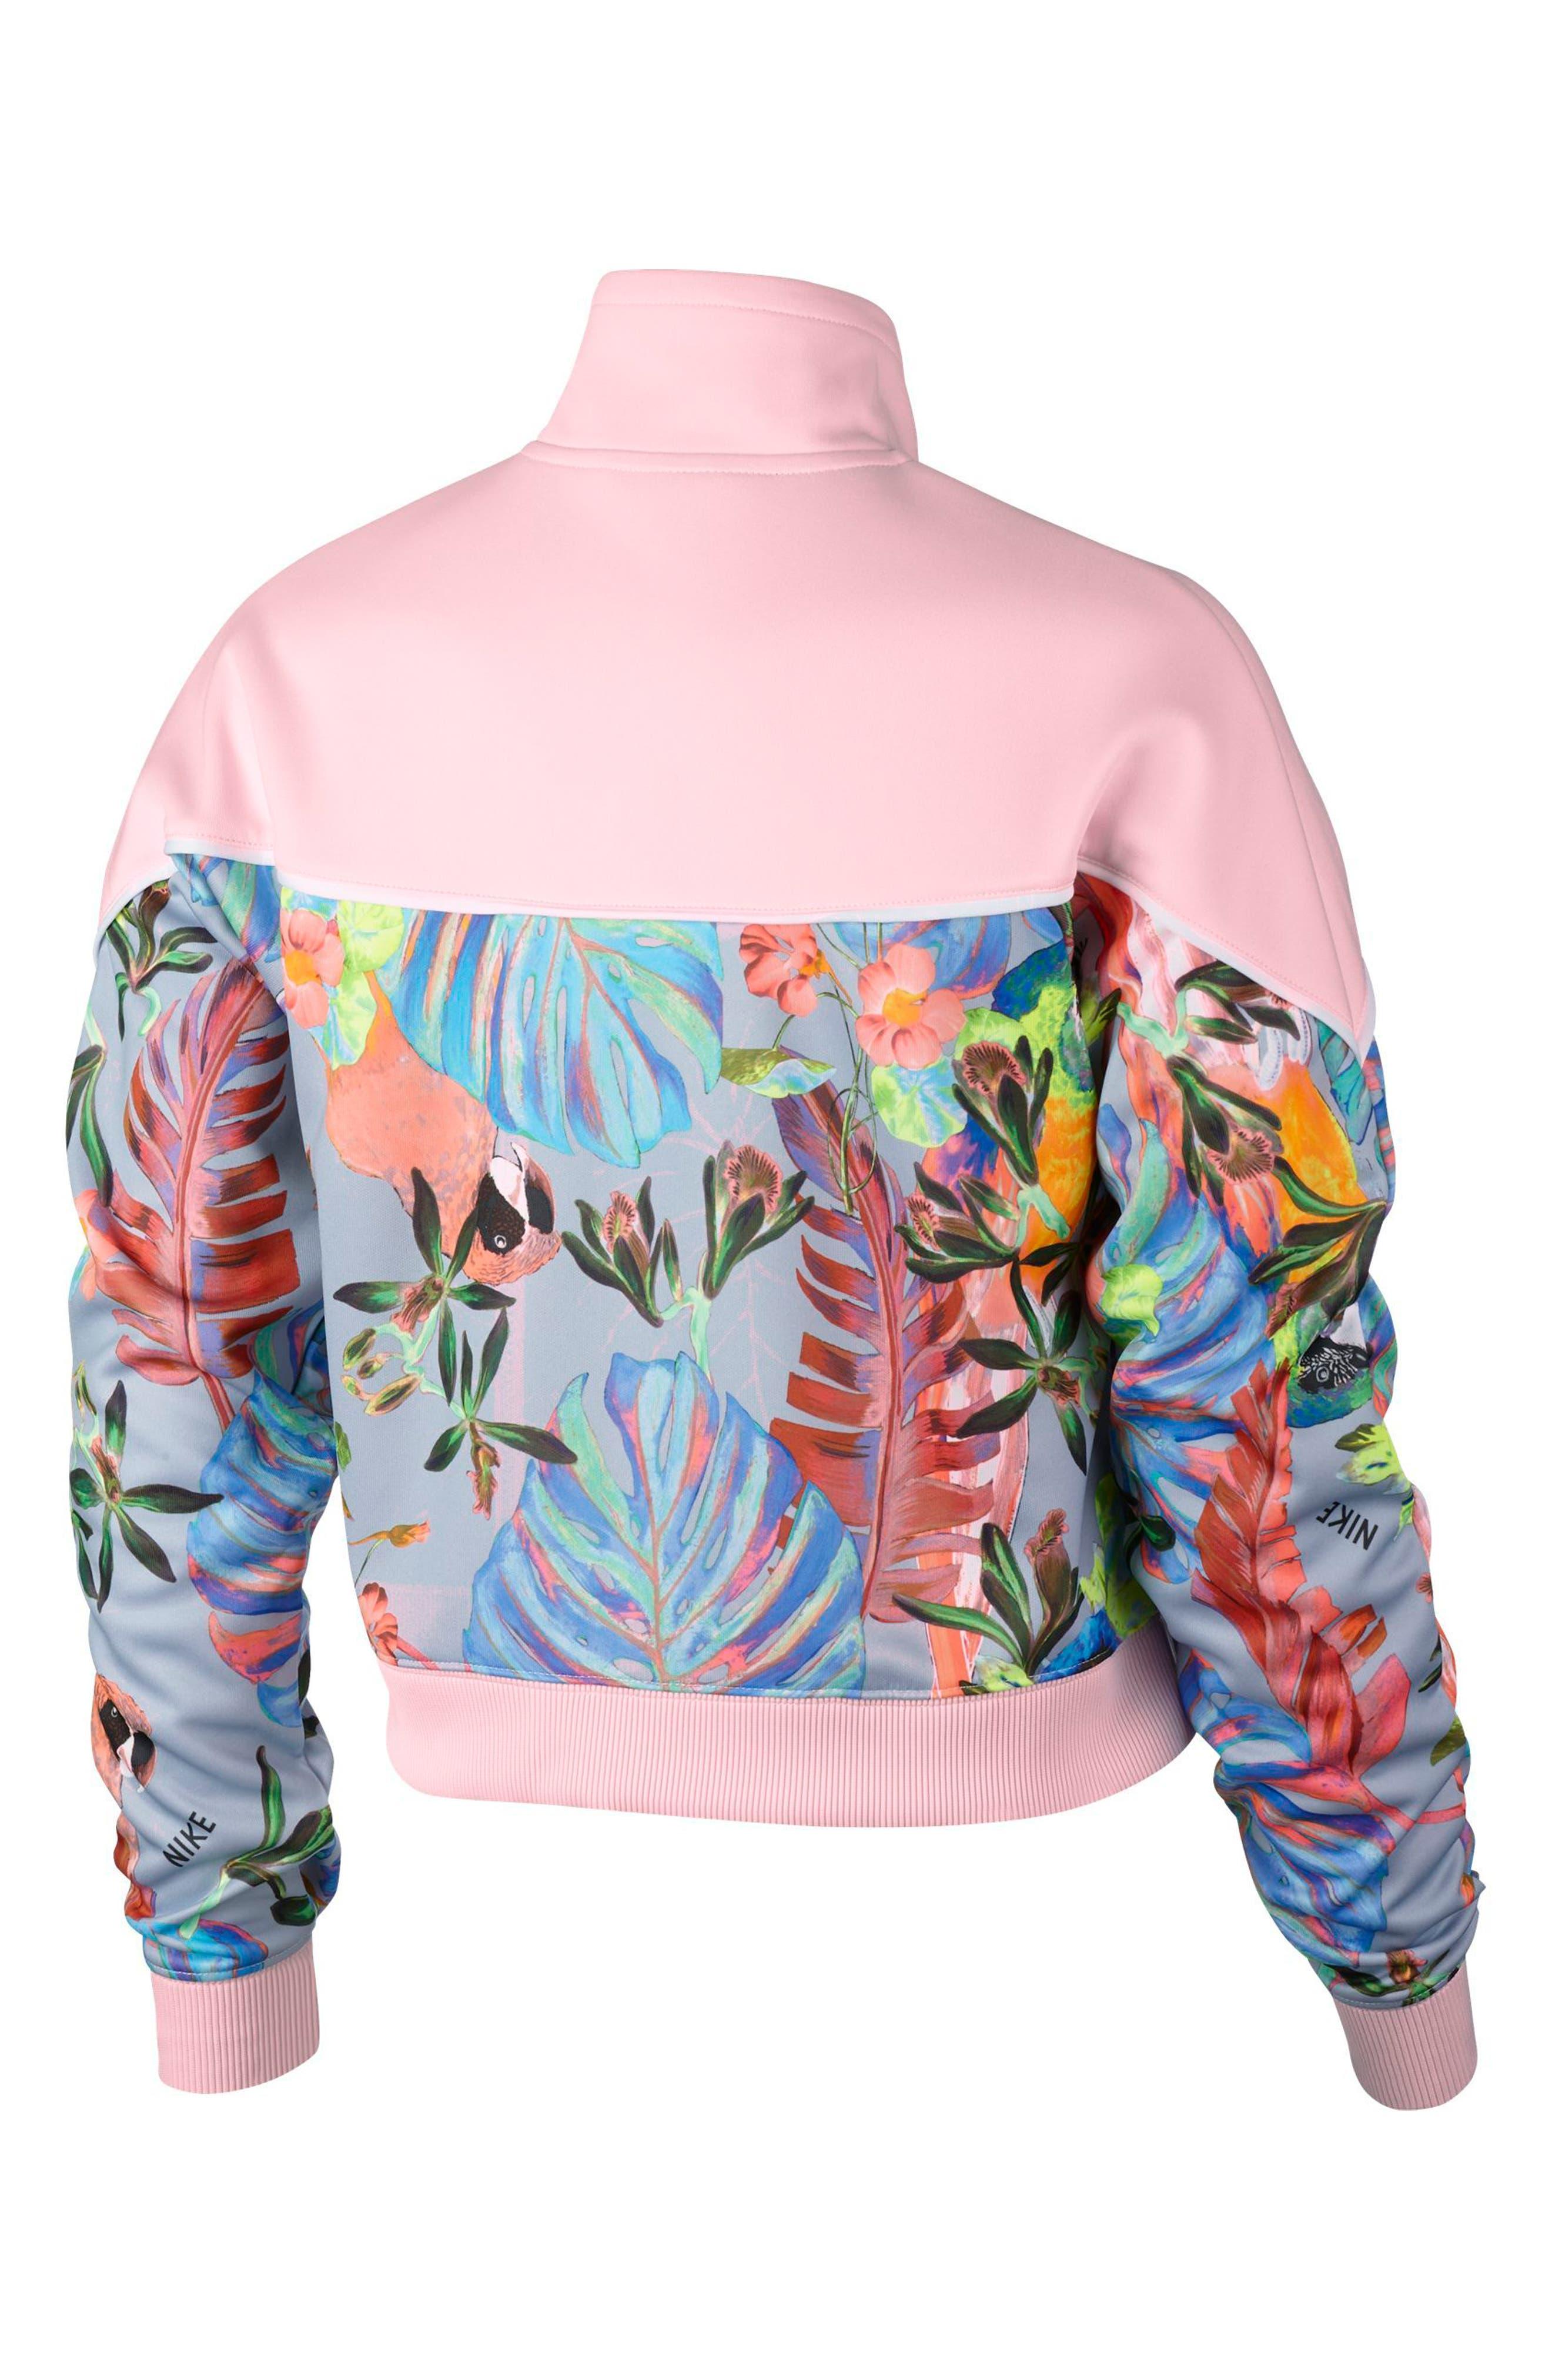 Hyper Femme Crop Jacket,                             Alternate thumbnail 2, color,                             ARCTIC PINK/ PURE PLATINUM